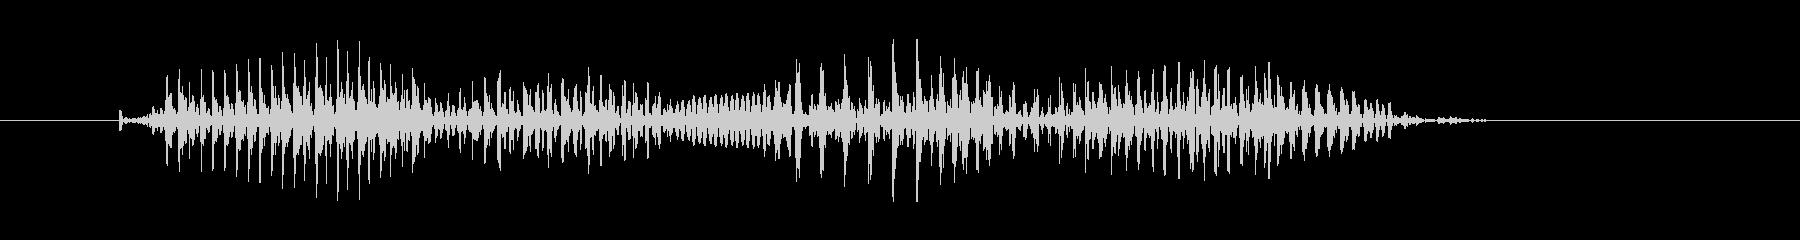 ゲロゲロの未再生の波形